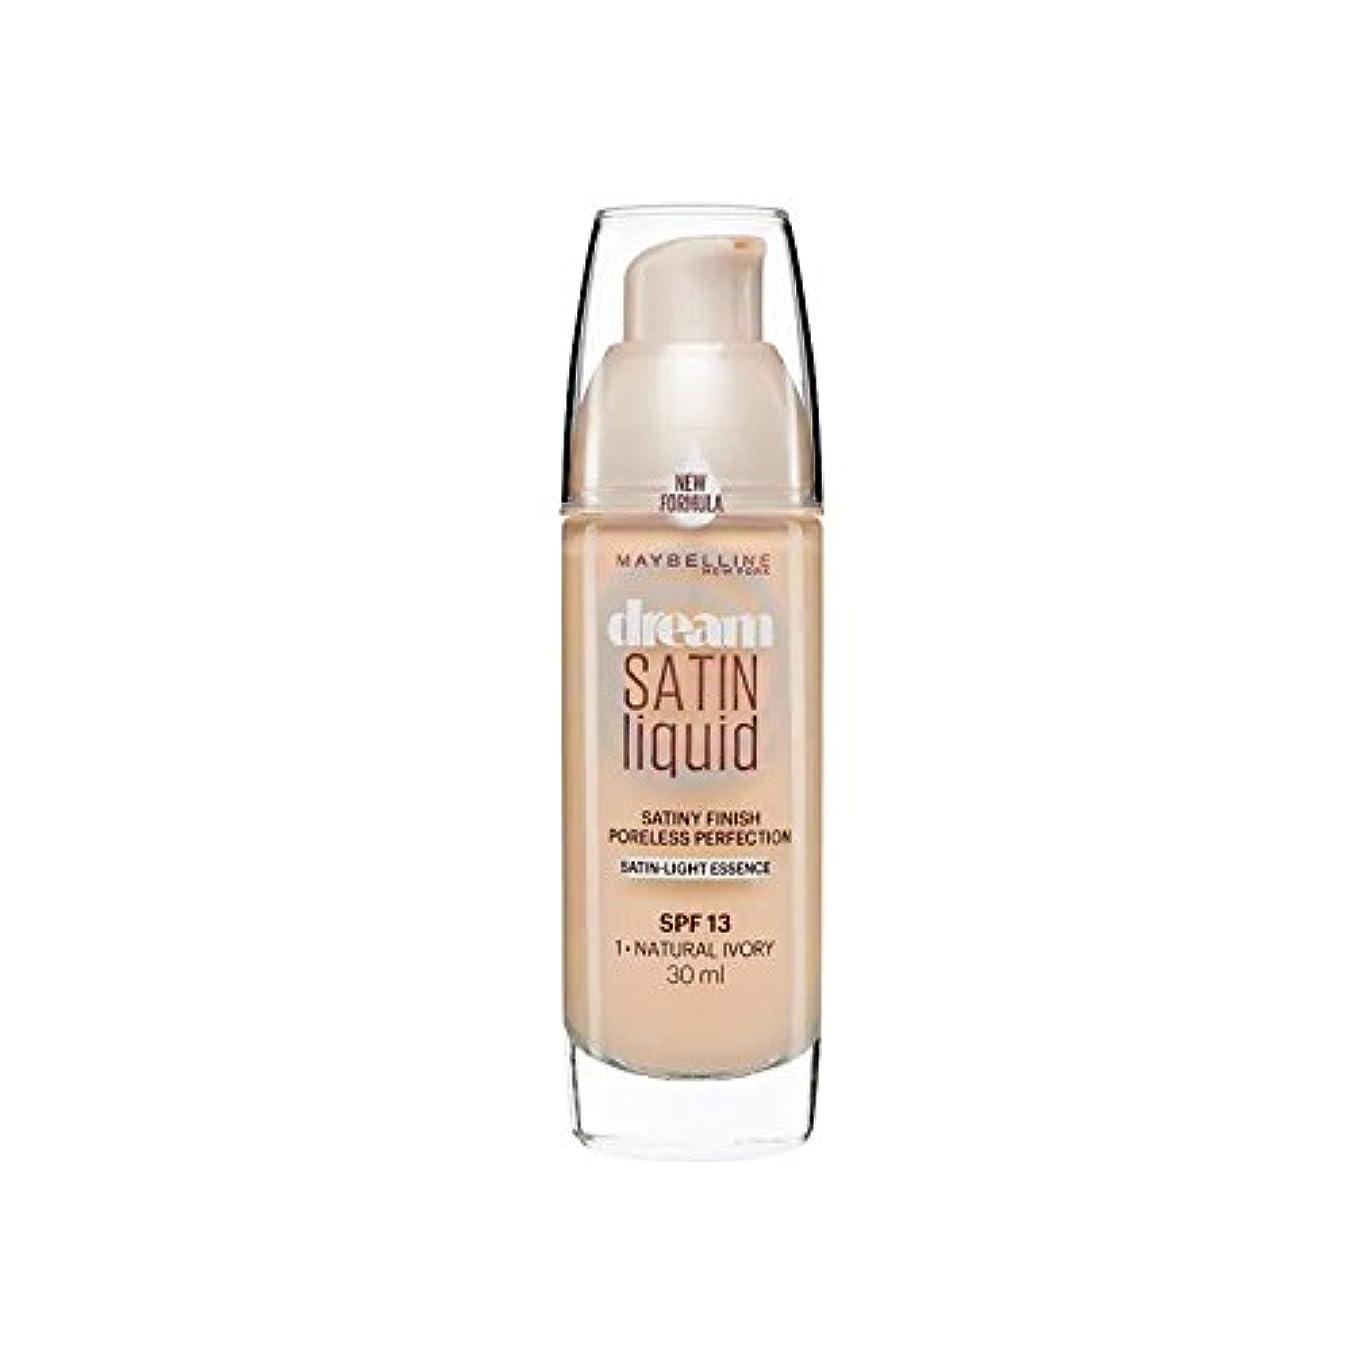 瀬戸際スイス人リクルートMaybelline Dream Satin Liquid Foundation Natural Ivory 30ml (Pack of 6) - メイベリンの夢のサテンリキッドファンデーションナチュラルアイボリー30ミリリットル x6 [並行輸入品]